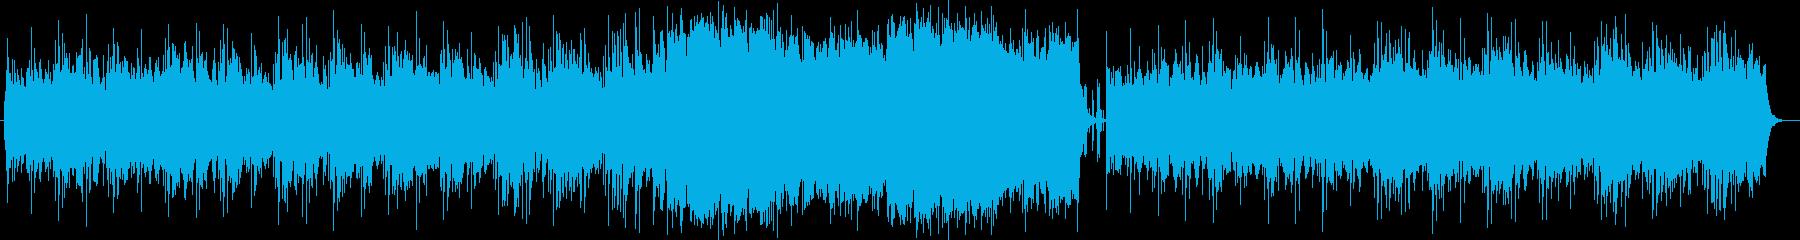 優しく流れるシンセ・ボイスサウンドの再生済みの波形